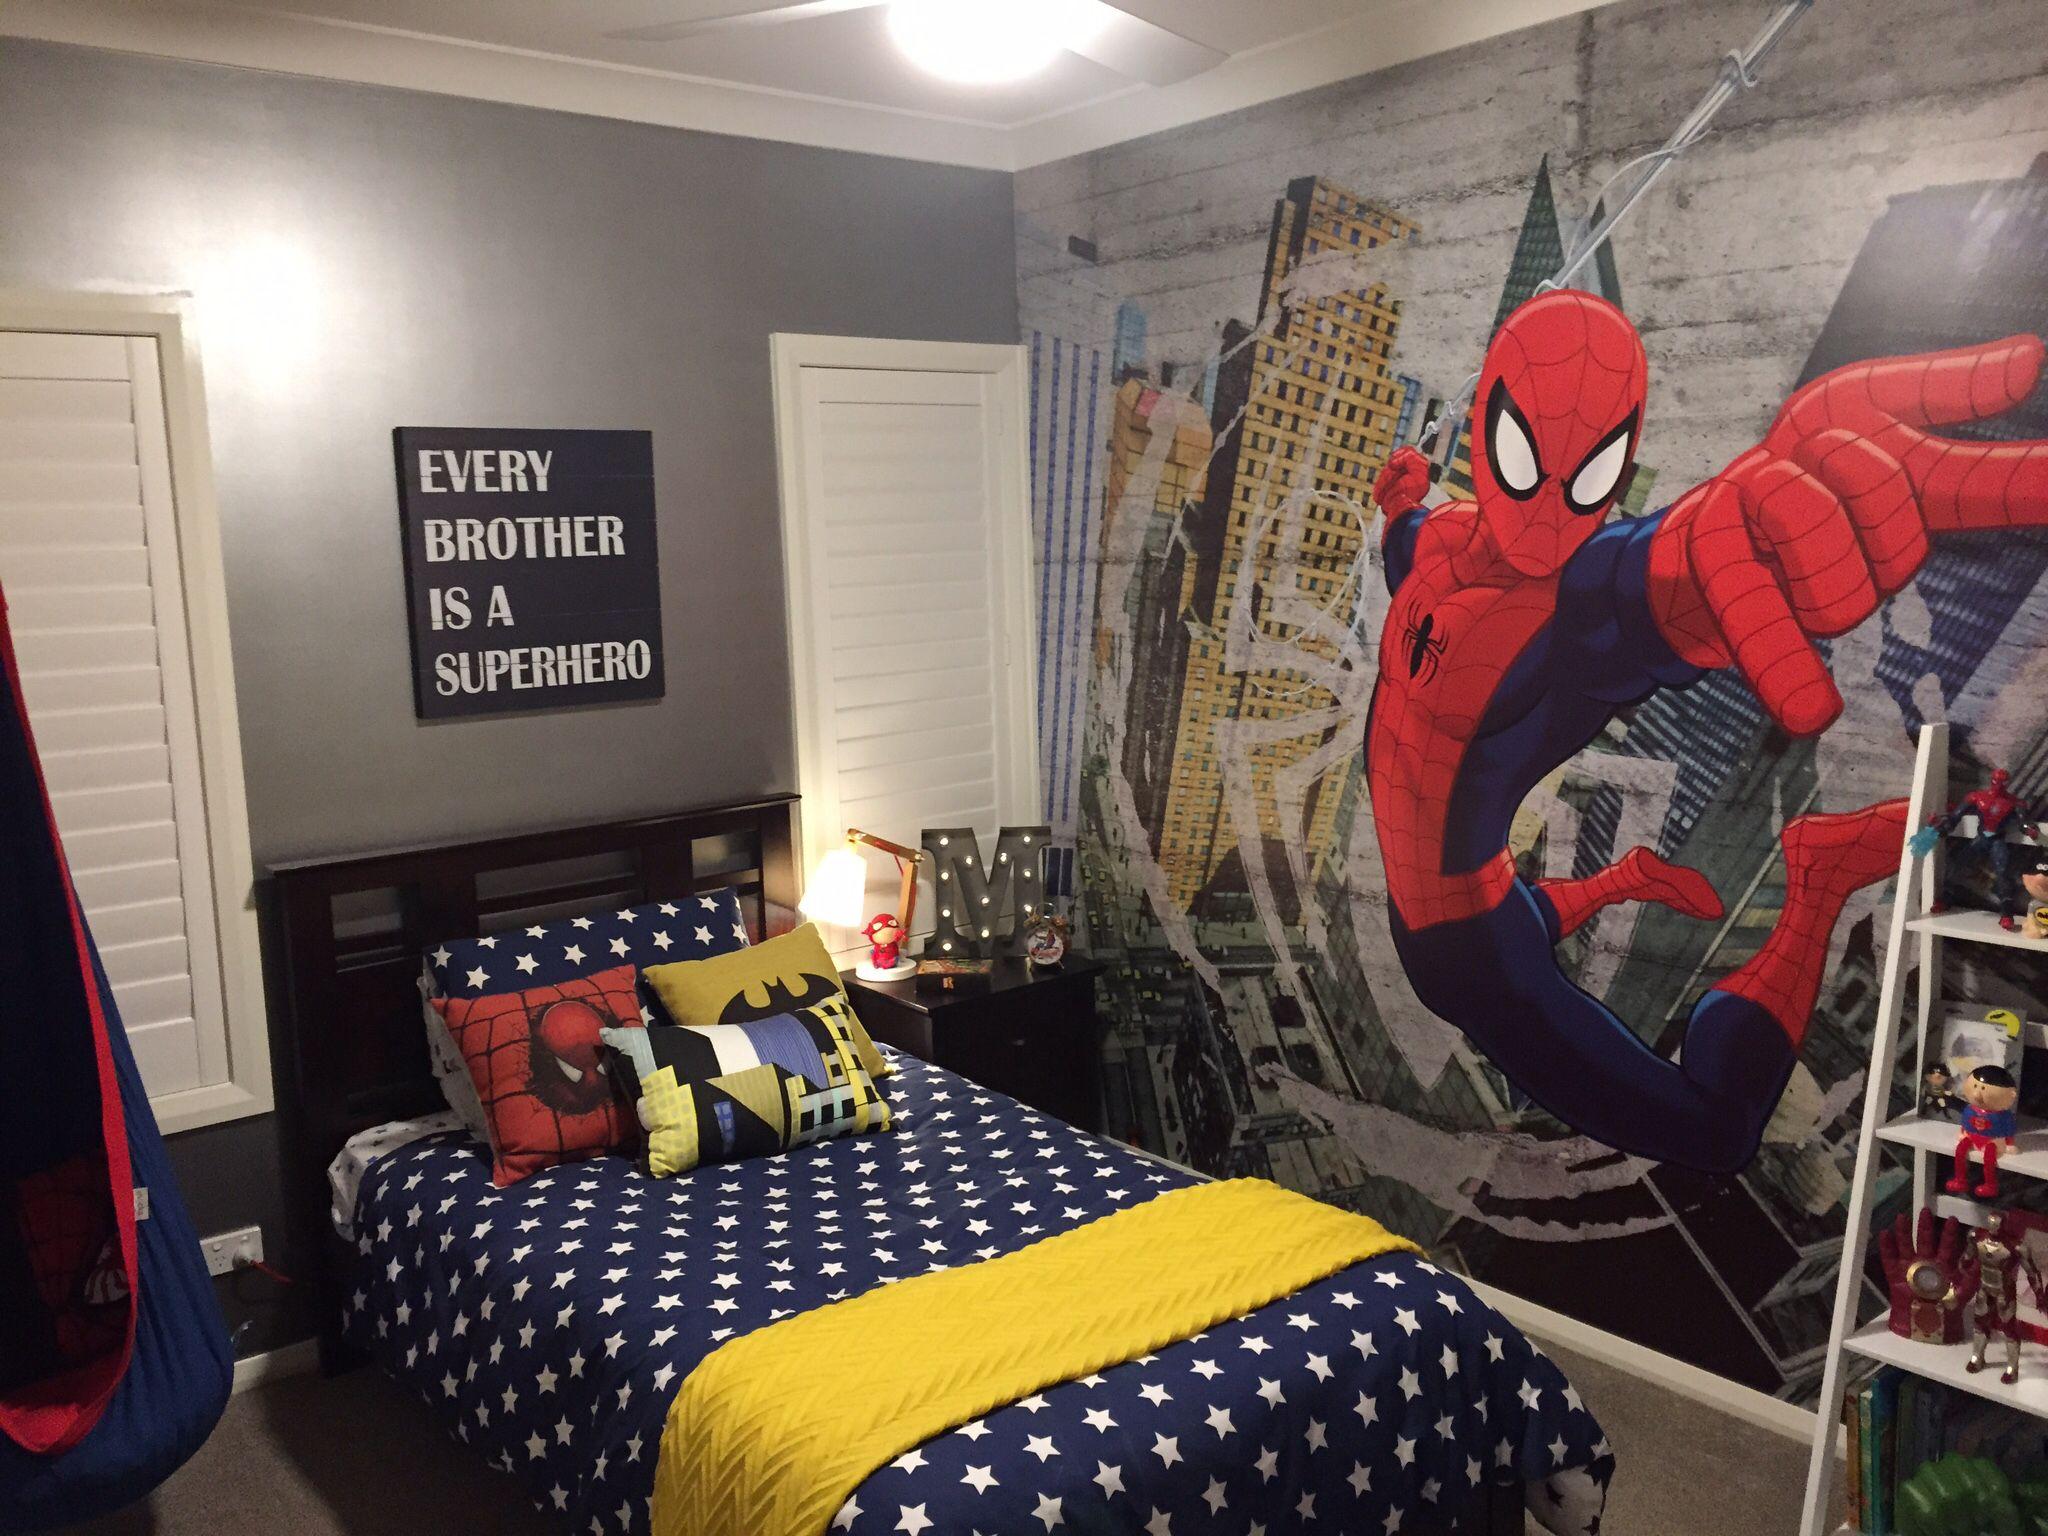 40+ Superheroes wallpaper for bedroom info